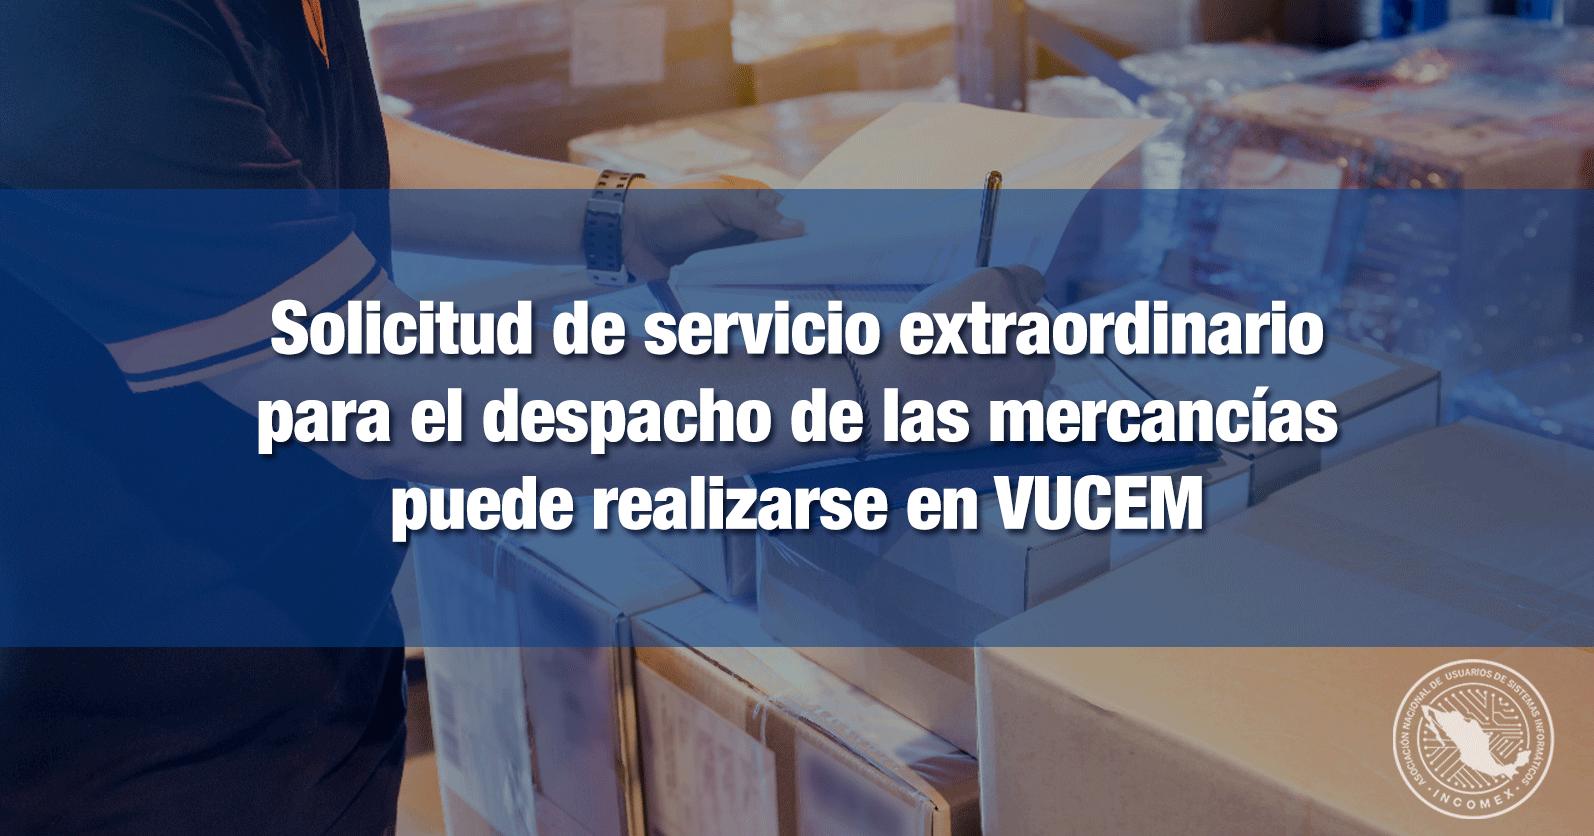 Solicitud de servicio extraordinario para el despacho de las mercancías puede realizarse en VUCEM